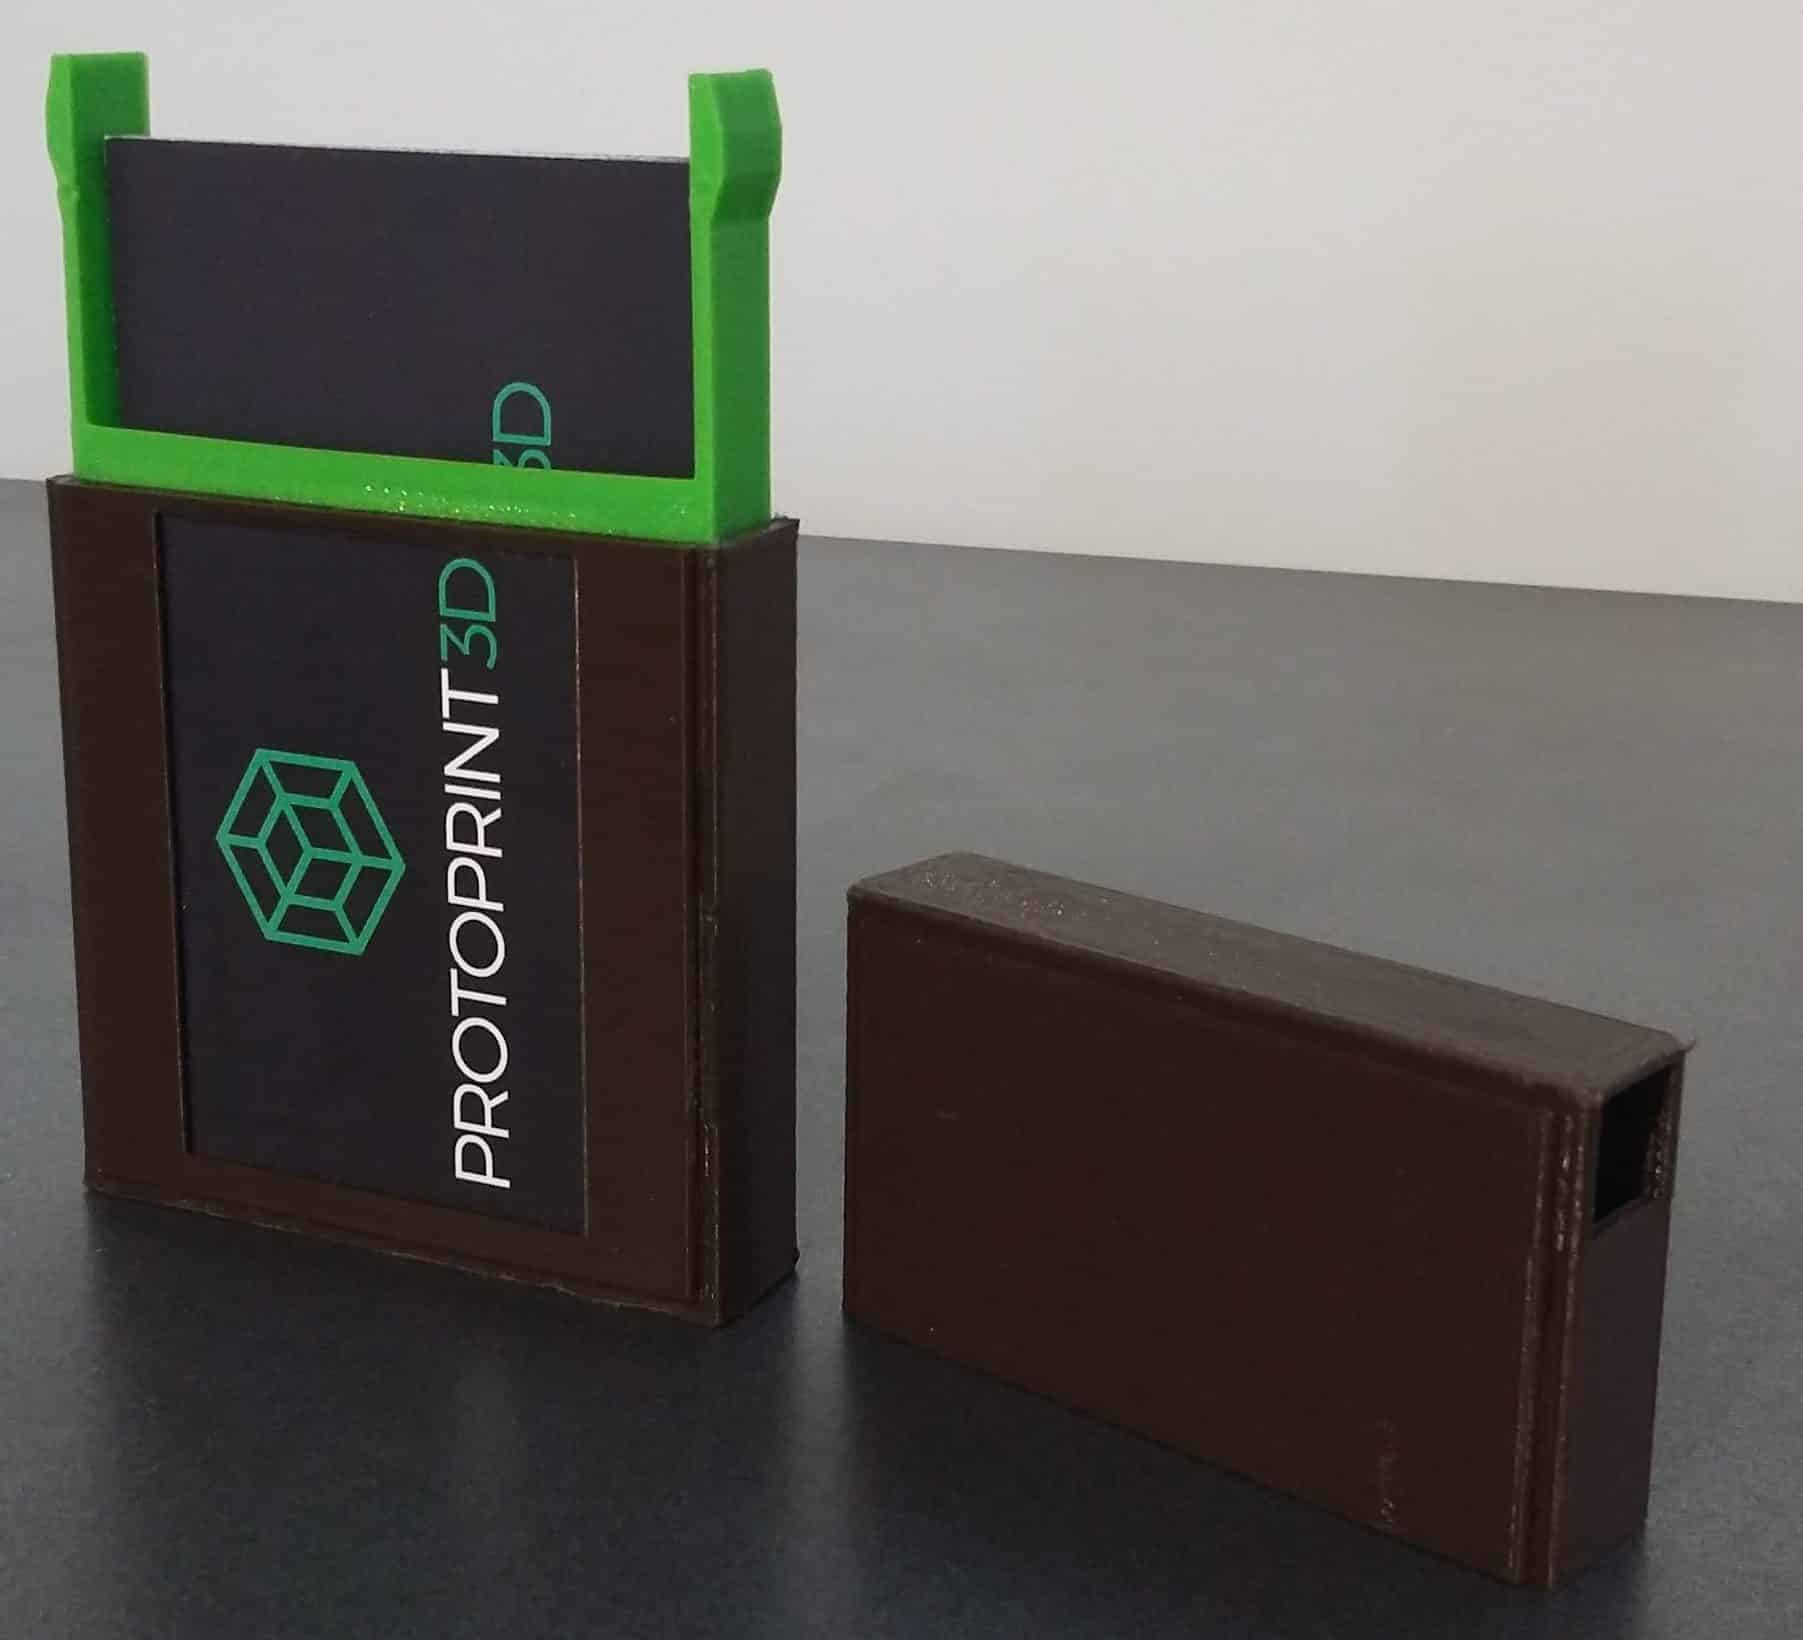 porte carte protoprint3d Modèle 3D à télécharger 20170128 1433561 e1485870216312